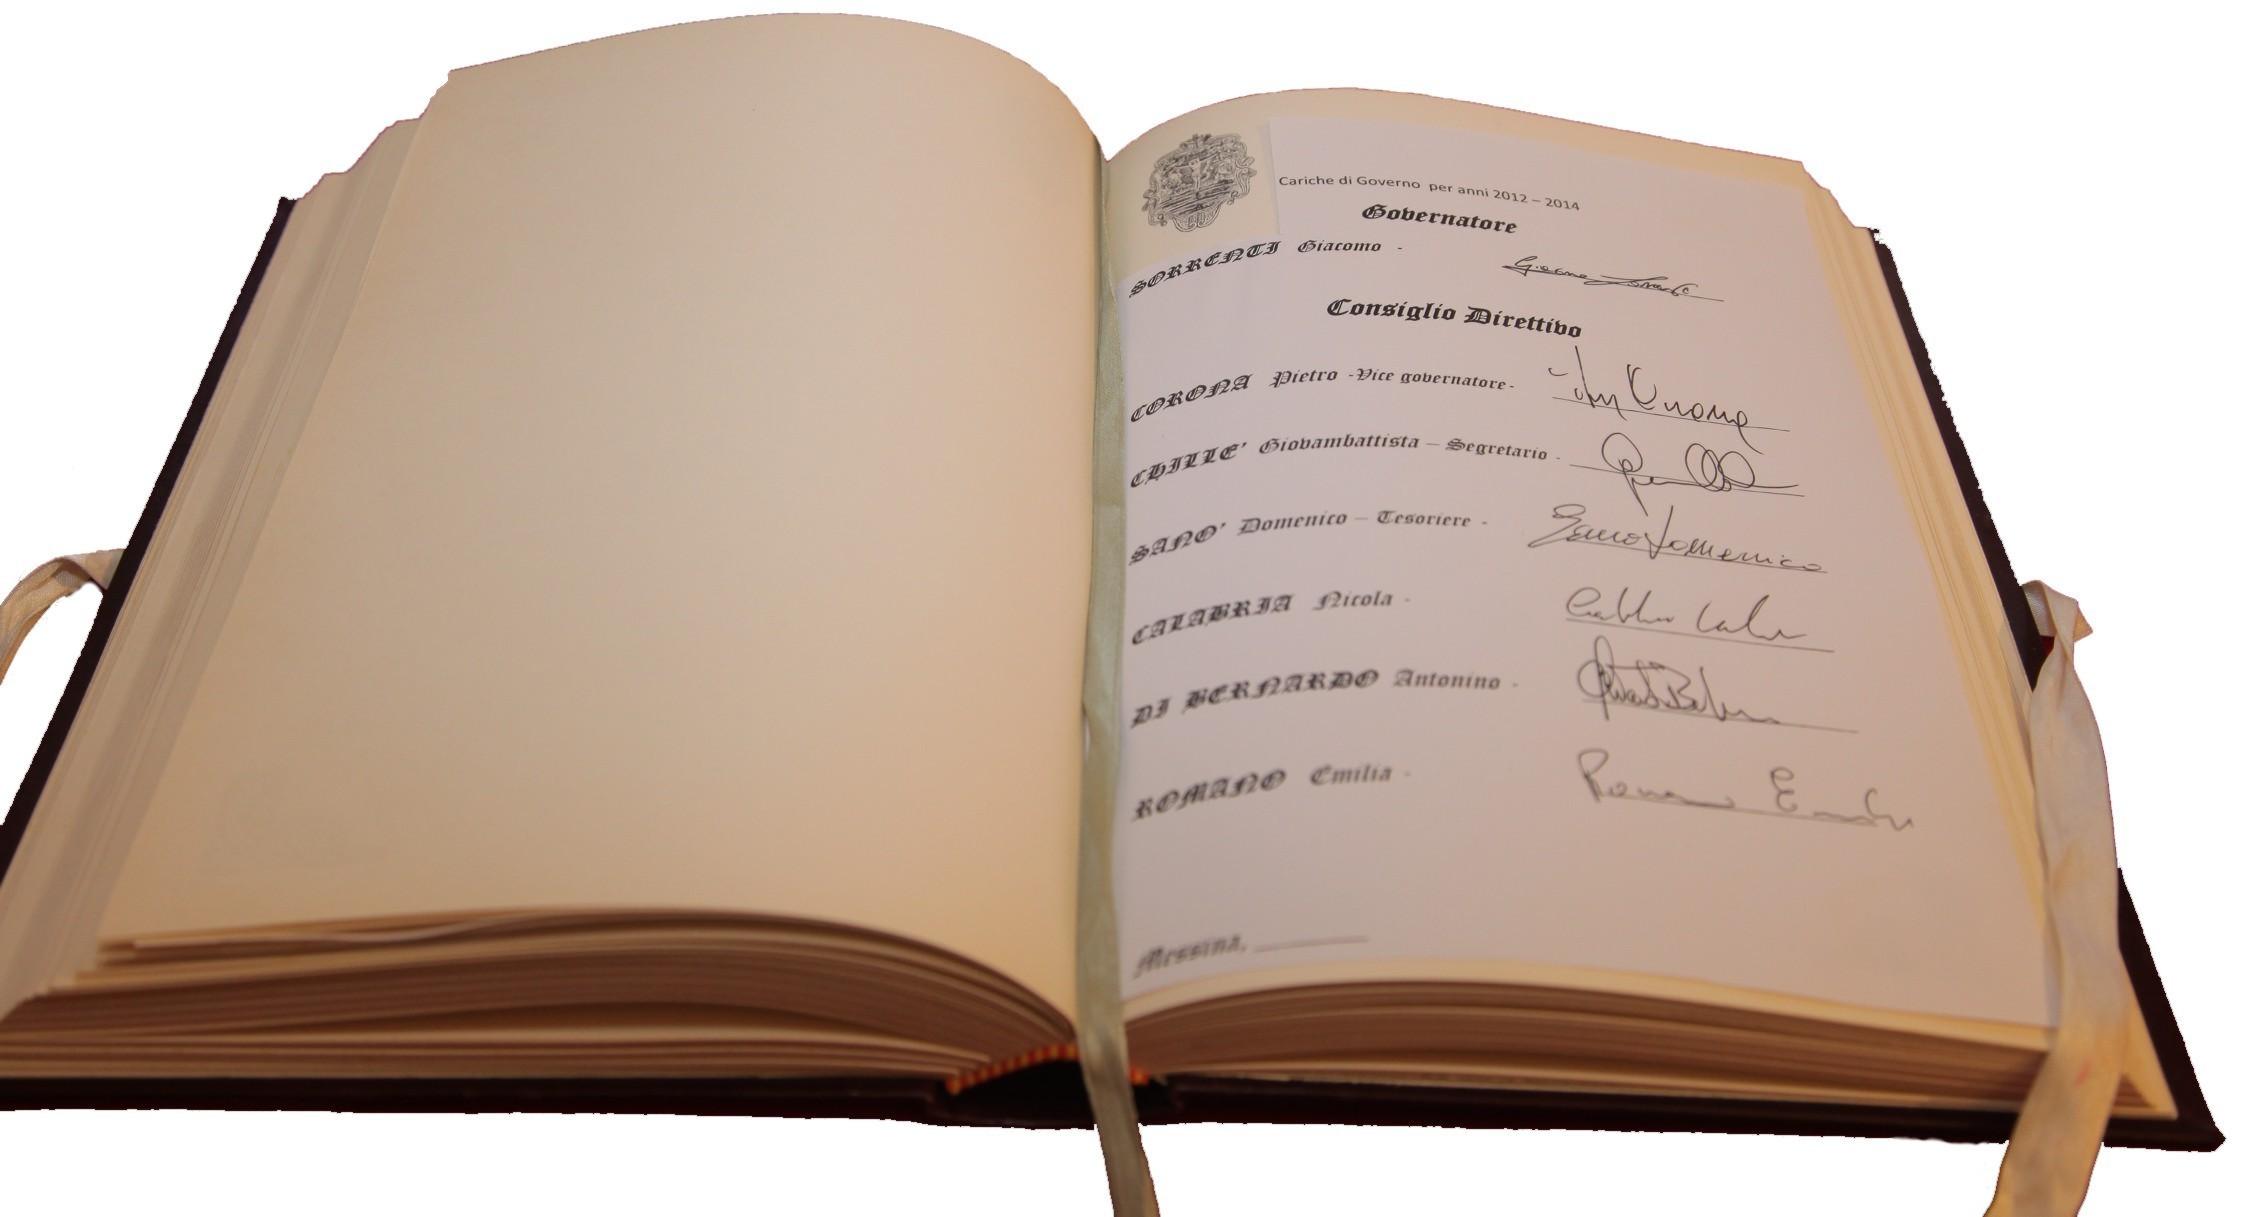 Libro dei Confrati